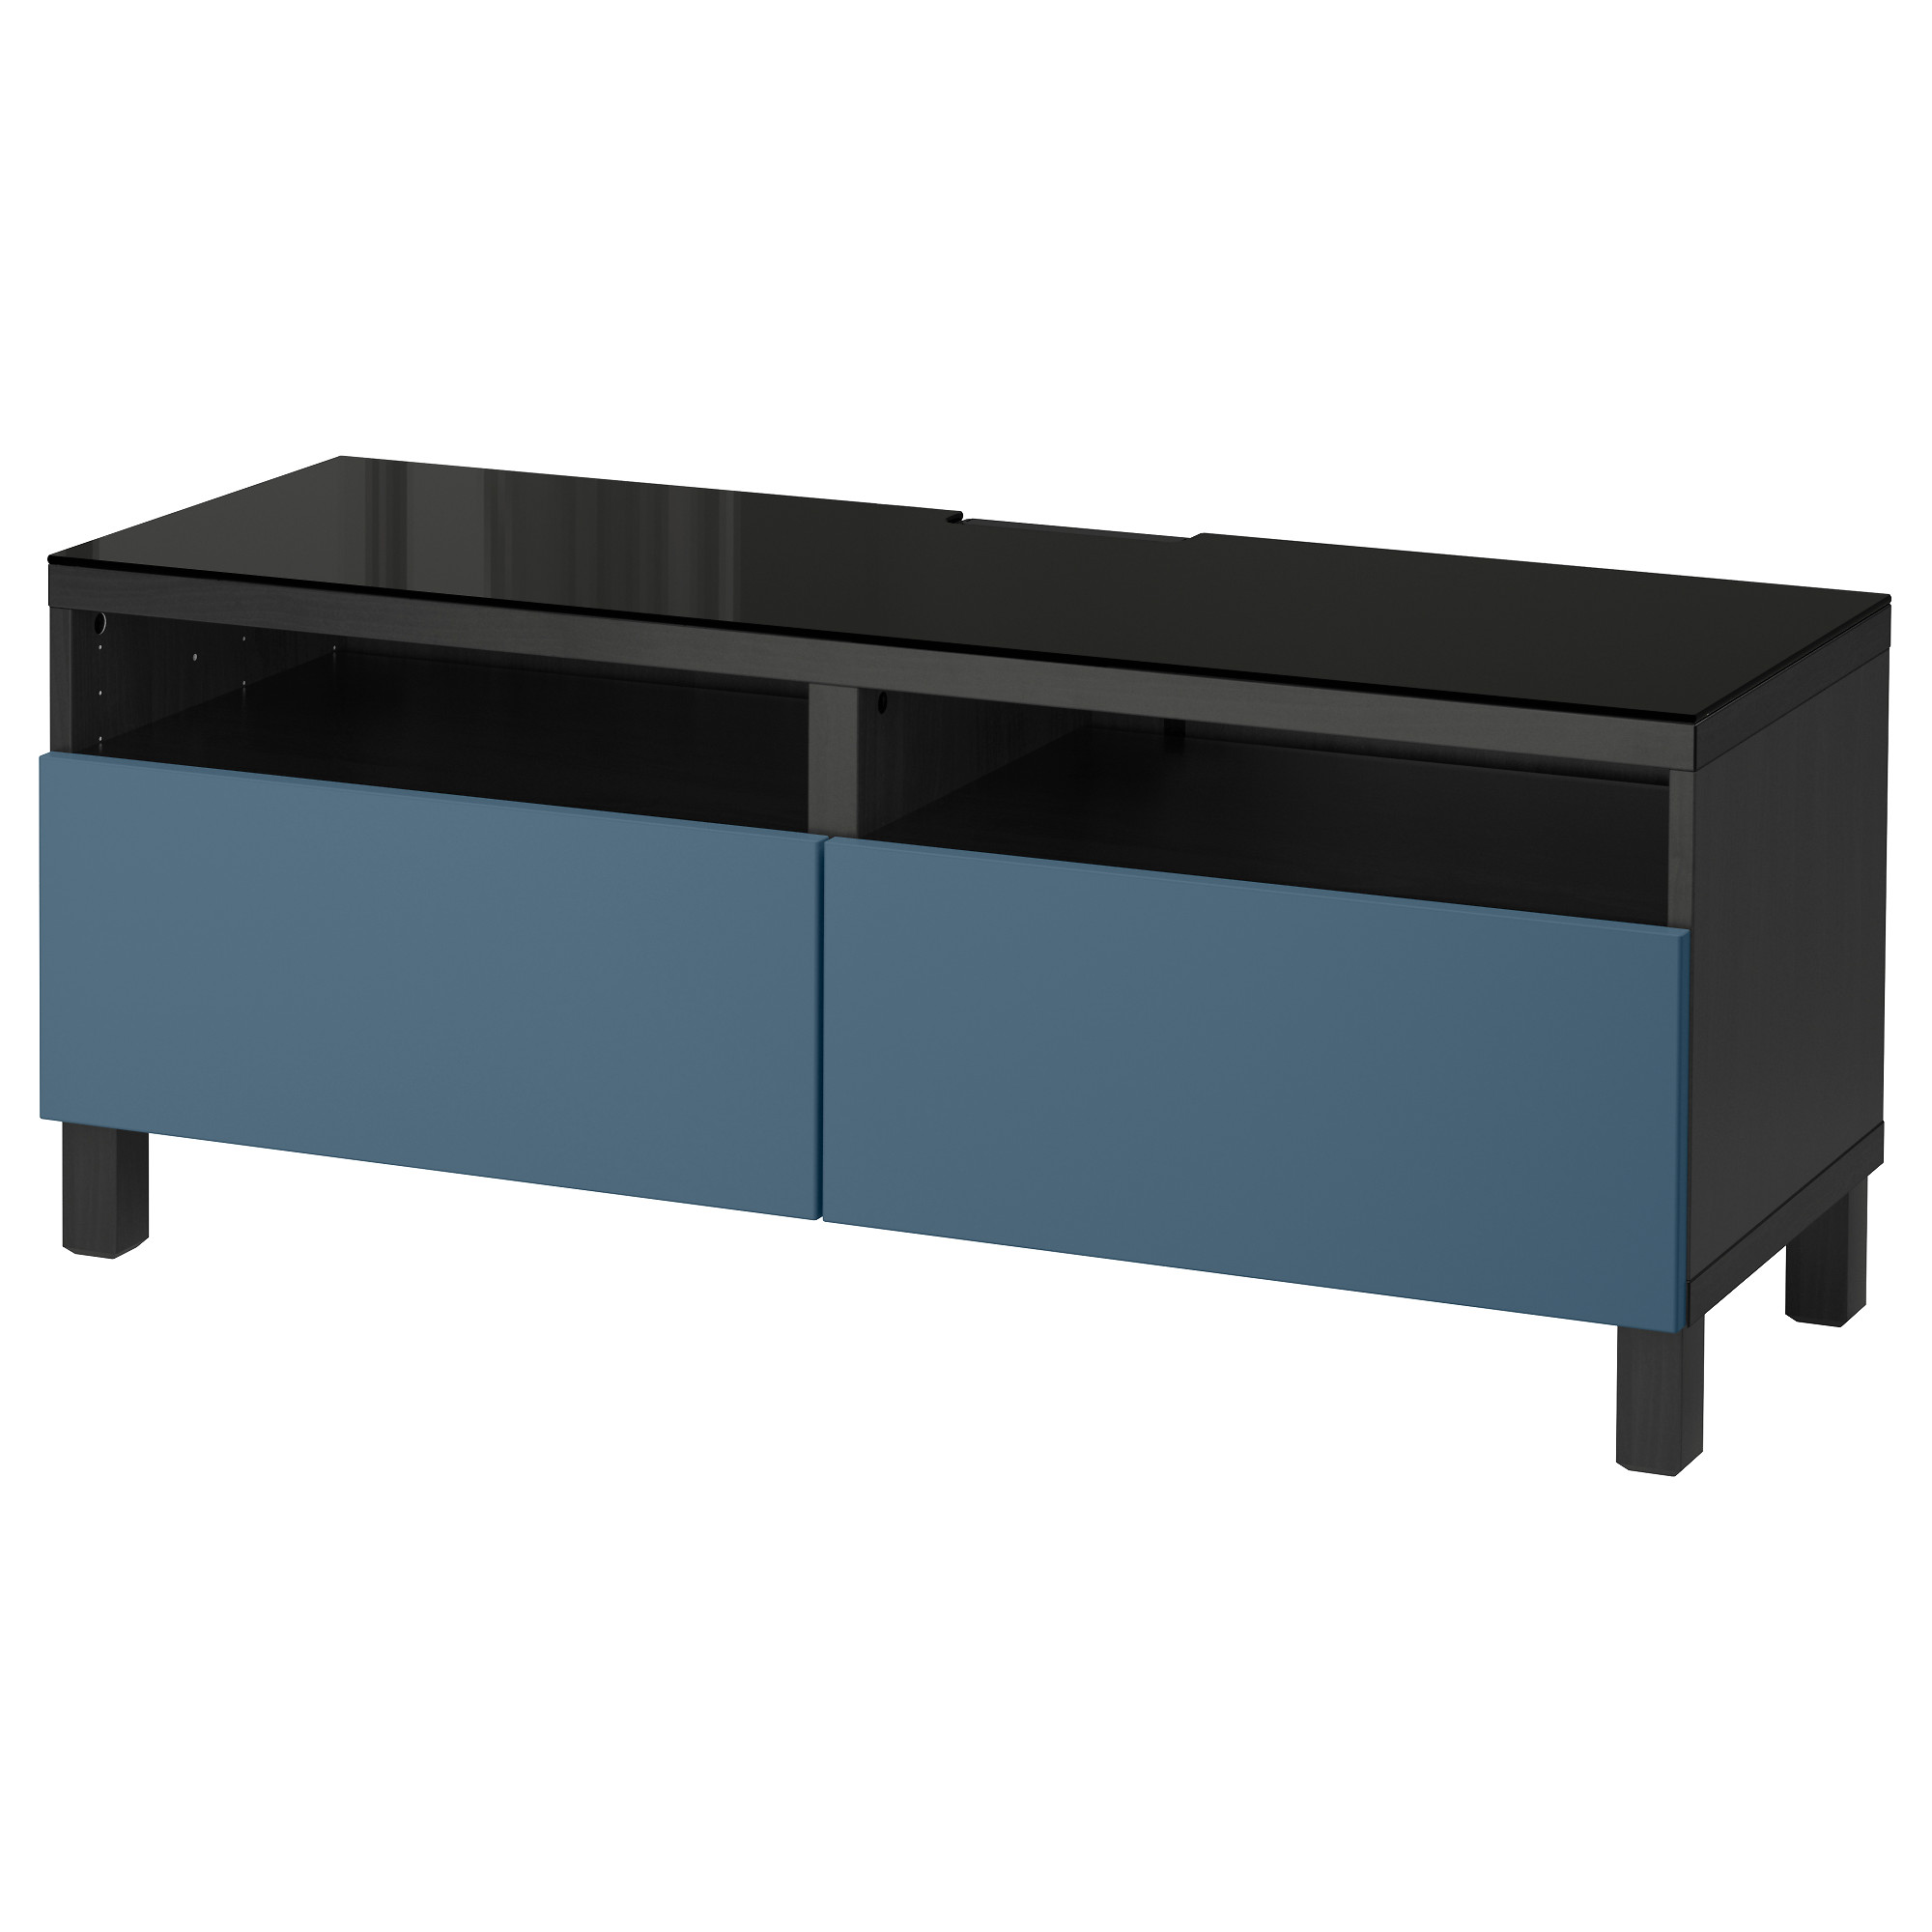 Тумба для ТВ с ящиками БЕСТО темно-синий артикуль № 992.448.86 в наличии. Онлайн каталог IKEA Беларусь. Быстрая доставка и монтаж.